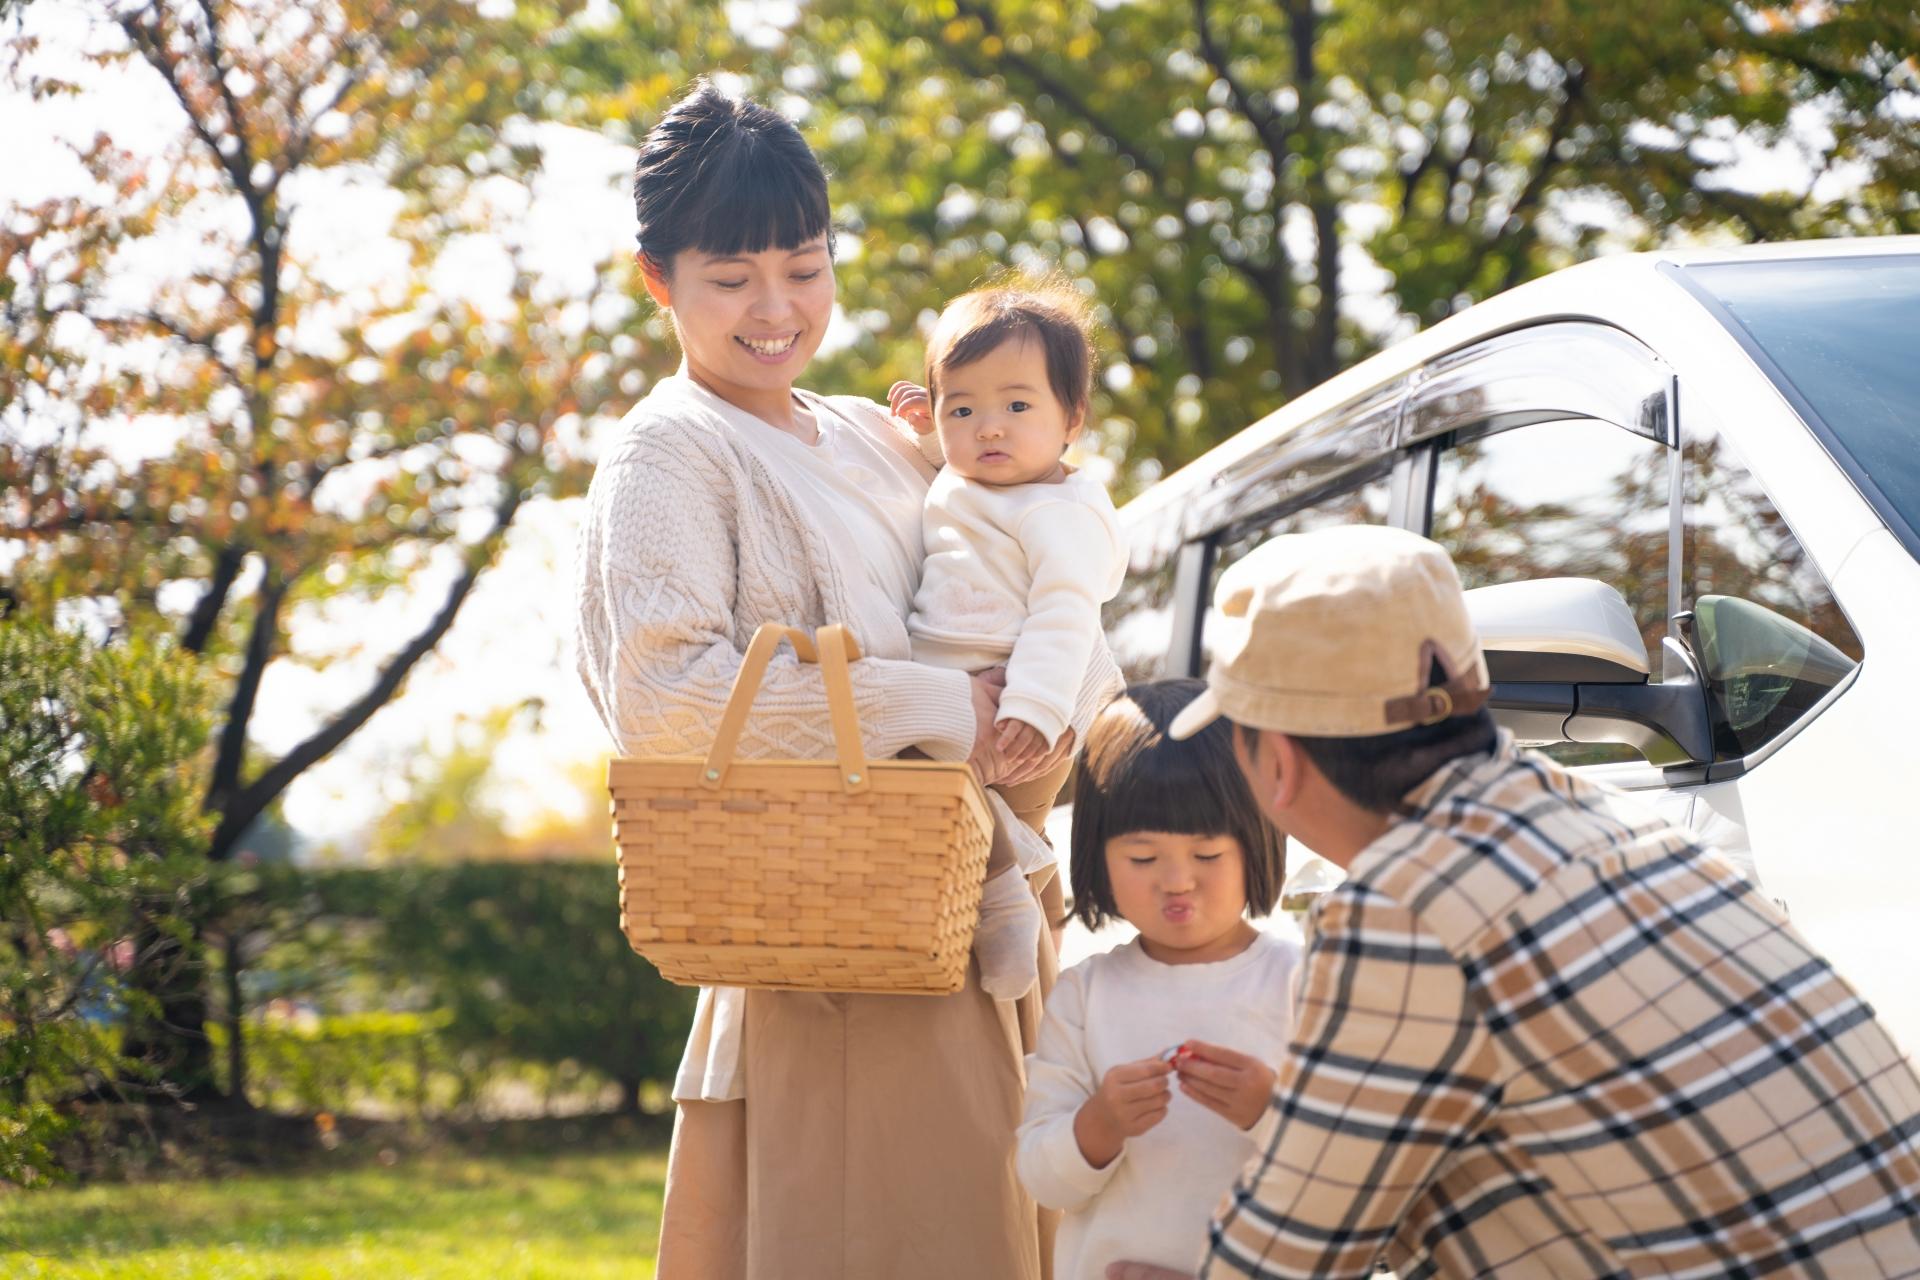 [2021年]家族でスマホはどこが安い?スマホ代平均とおすすめスマホ会社